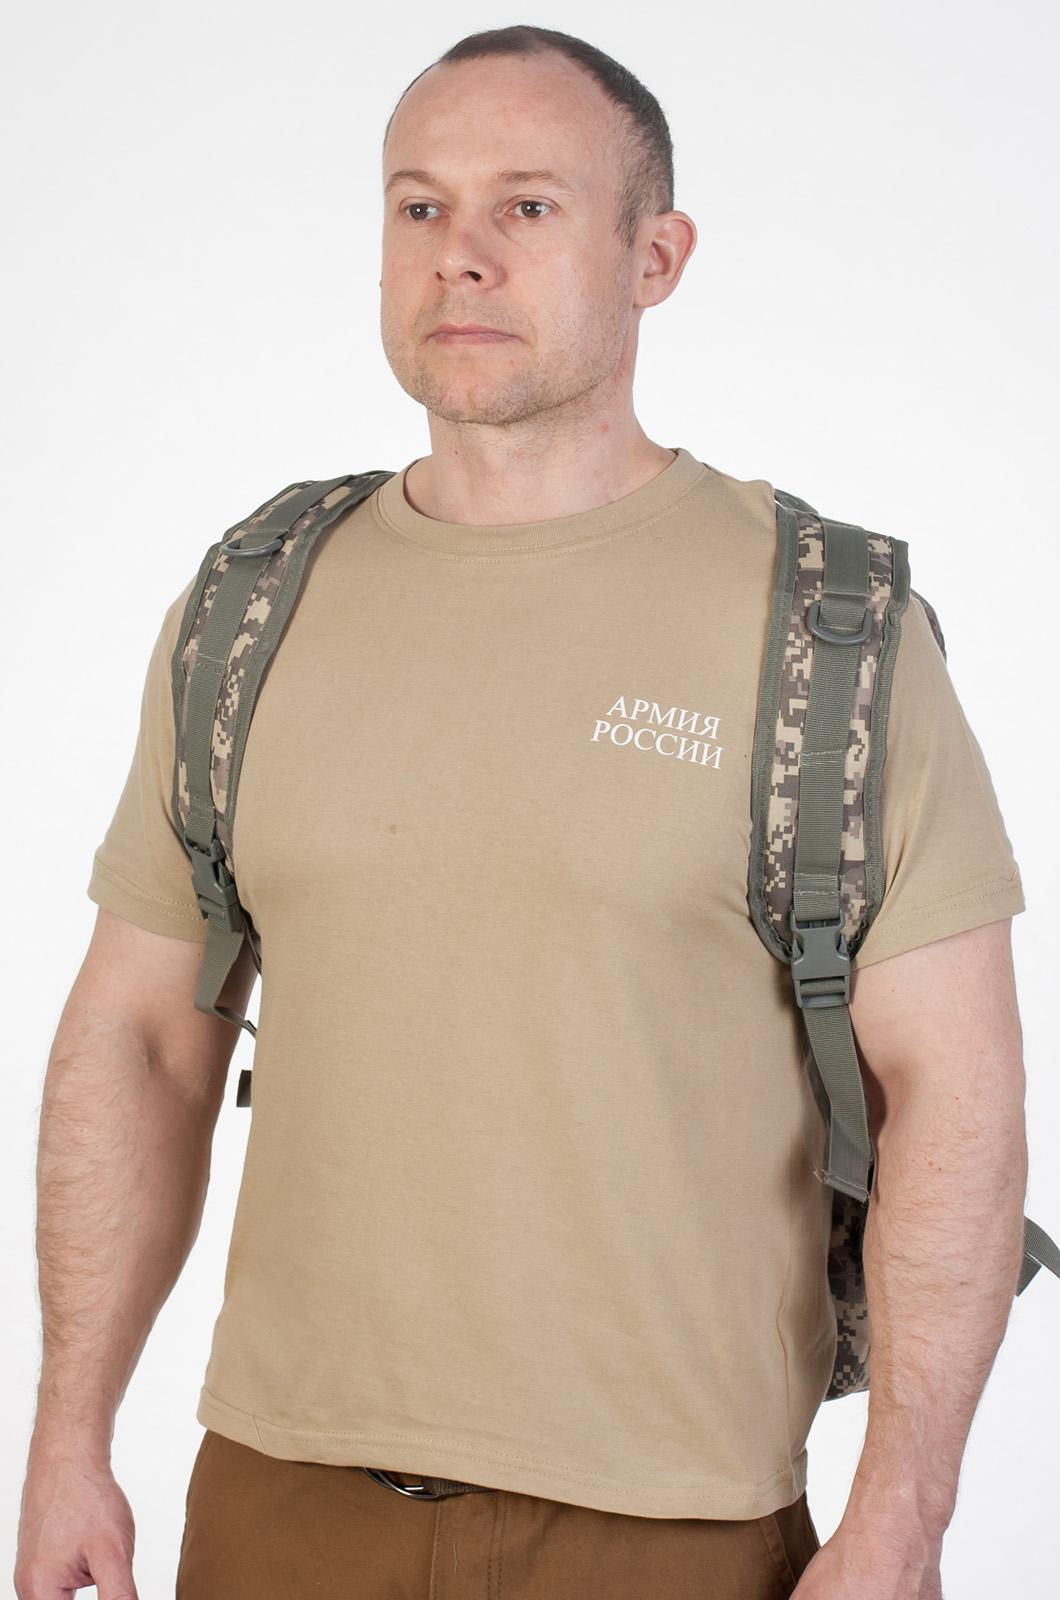 Тактический камуфляжный рюкзак с нашивкой ВМФ - заказать в подарок